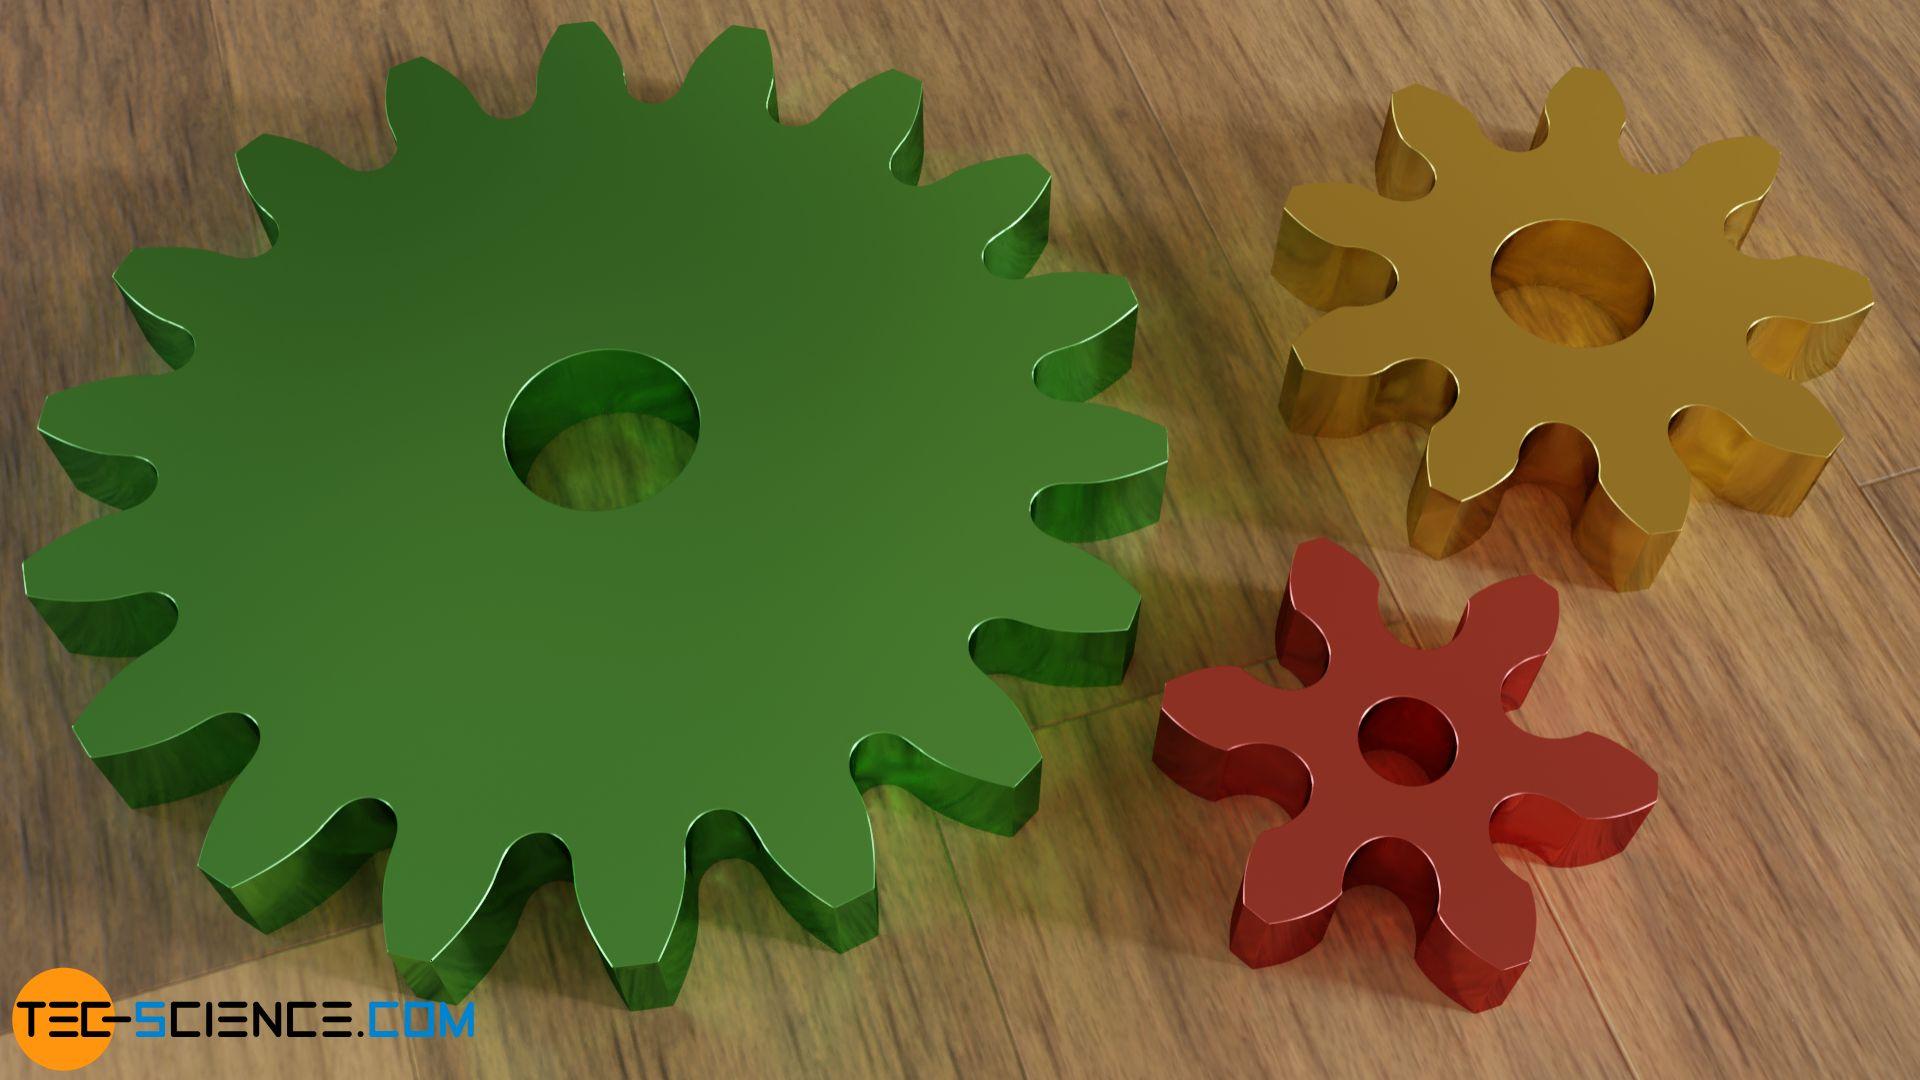 Zahnrad ohne Unterschnitt (grün) und mit Unterschnitt (gelb und rot)